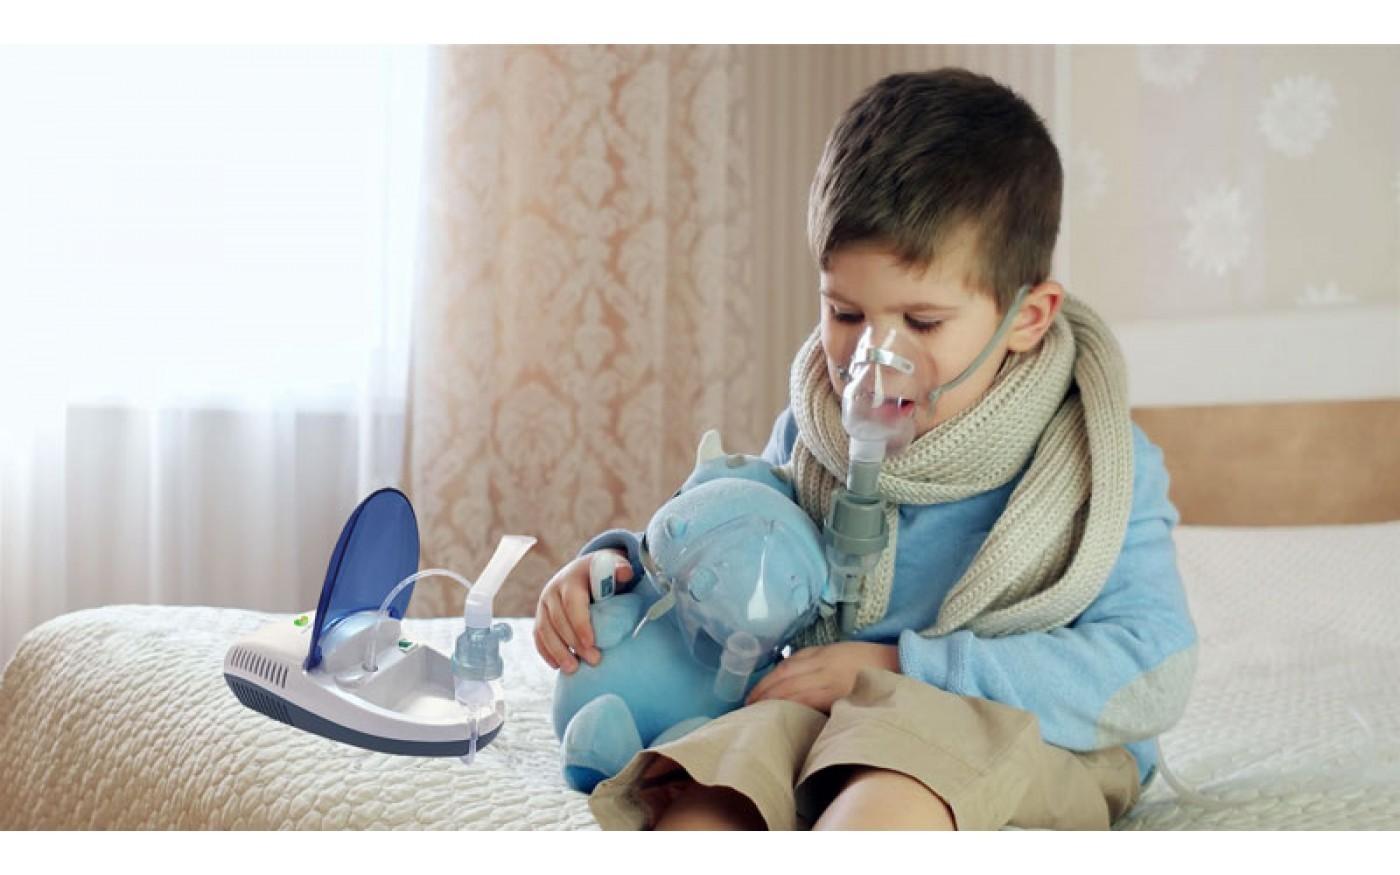 Khi thời tiết thay đổi các bé sơ sinh và trẻ nhỏ thường rất hay bị cảm cúm